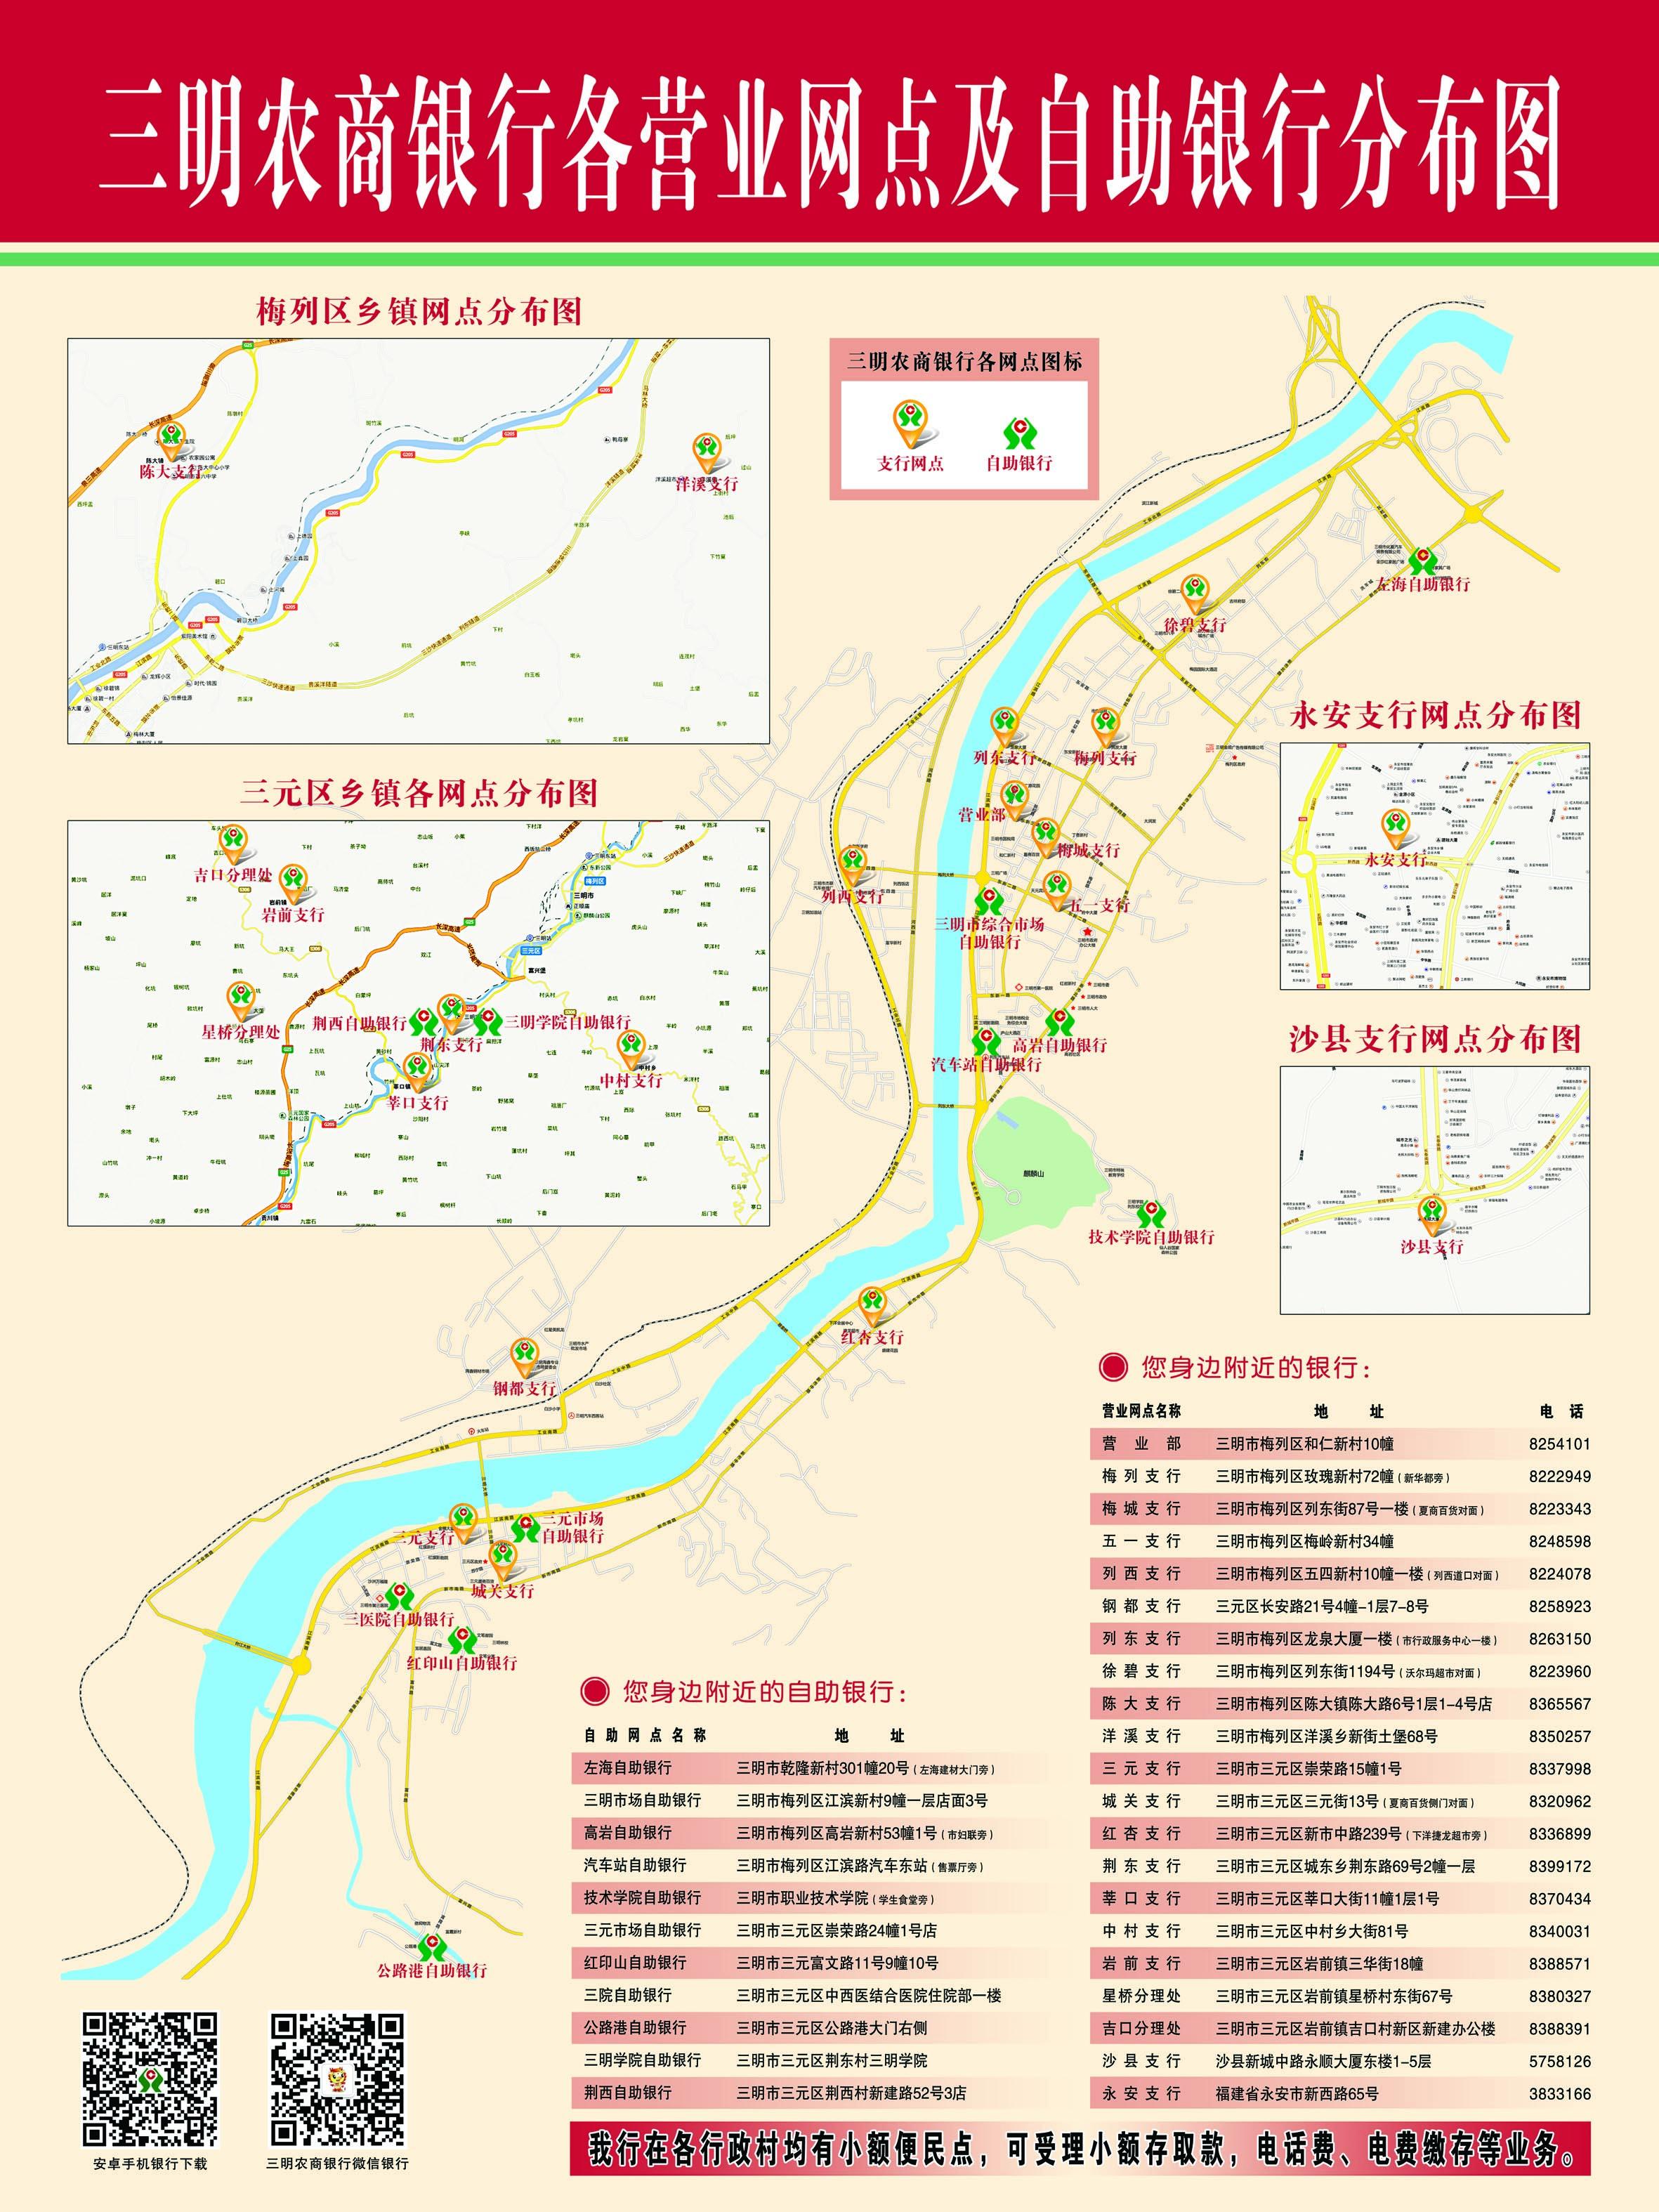 三明农商银行网点分布图